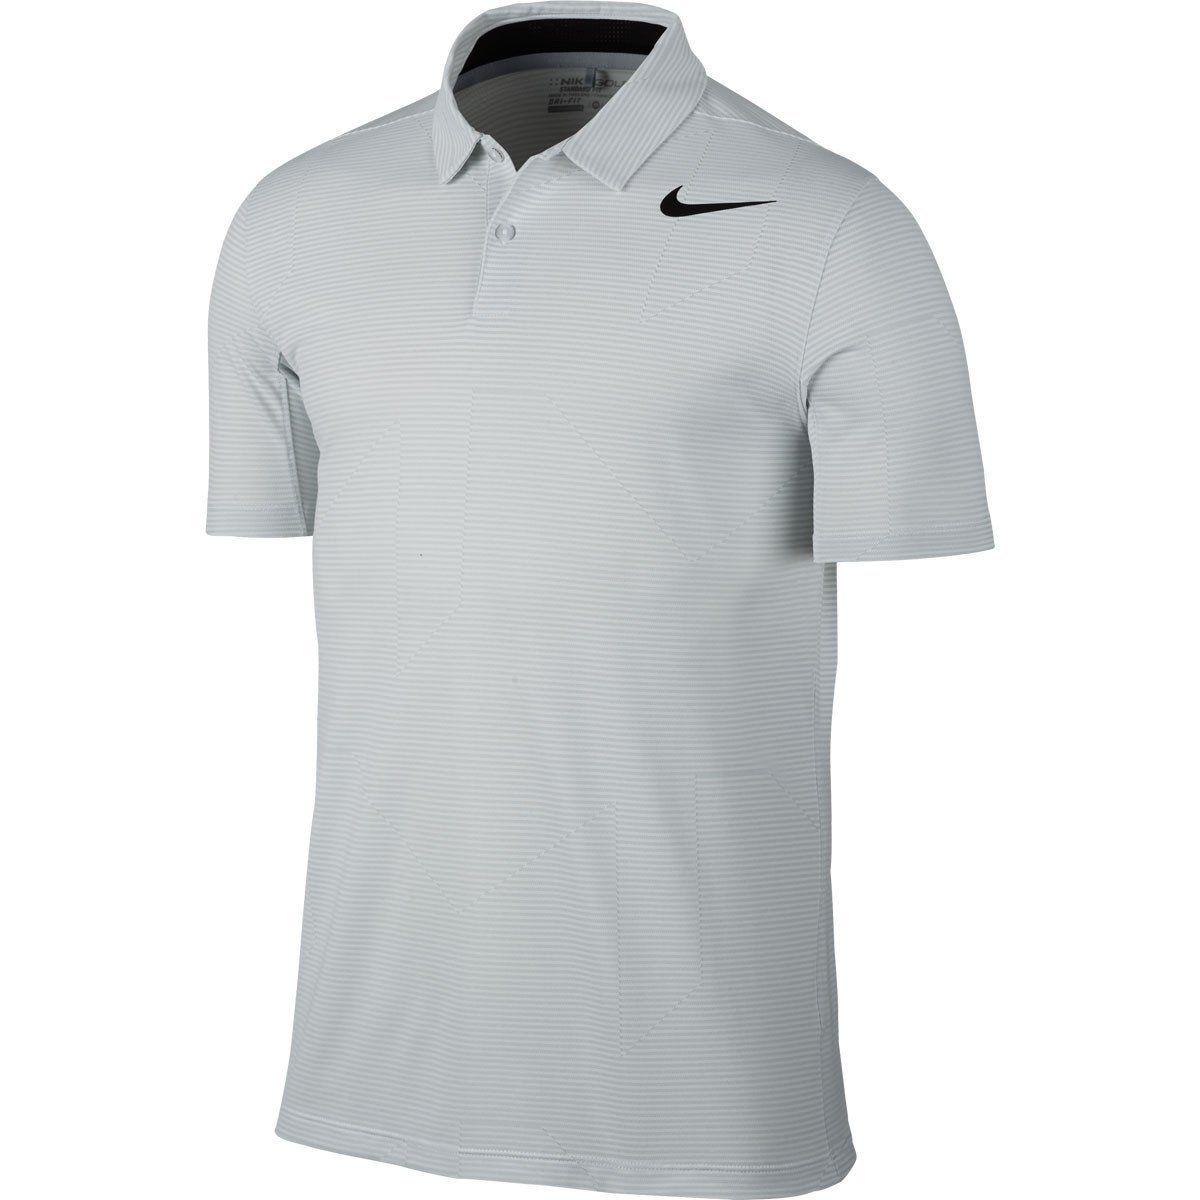 scegli autentico in arrivo scarpe sportive Nike Men's White Mobility Jacquard Polo | Nike golf men, Mens golf ...